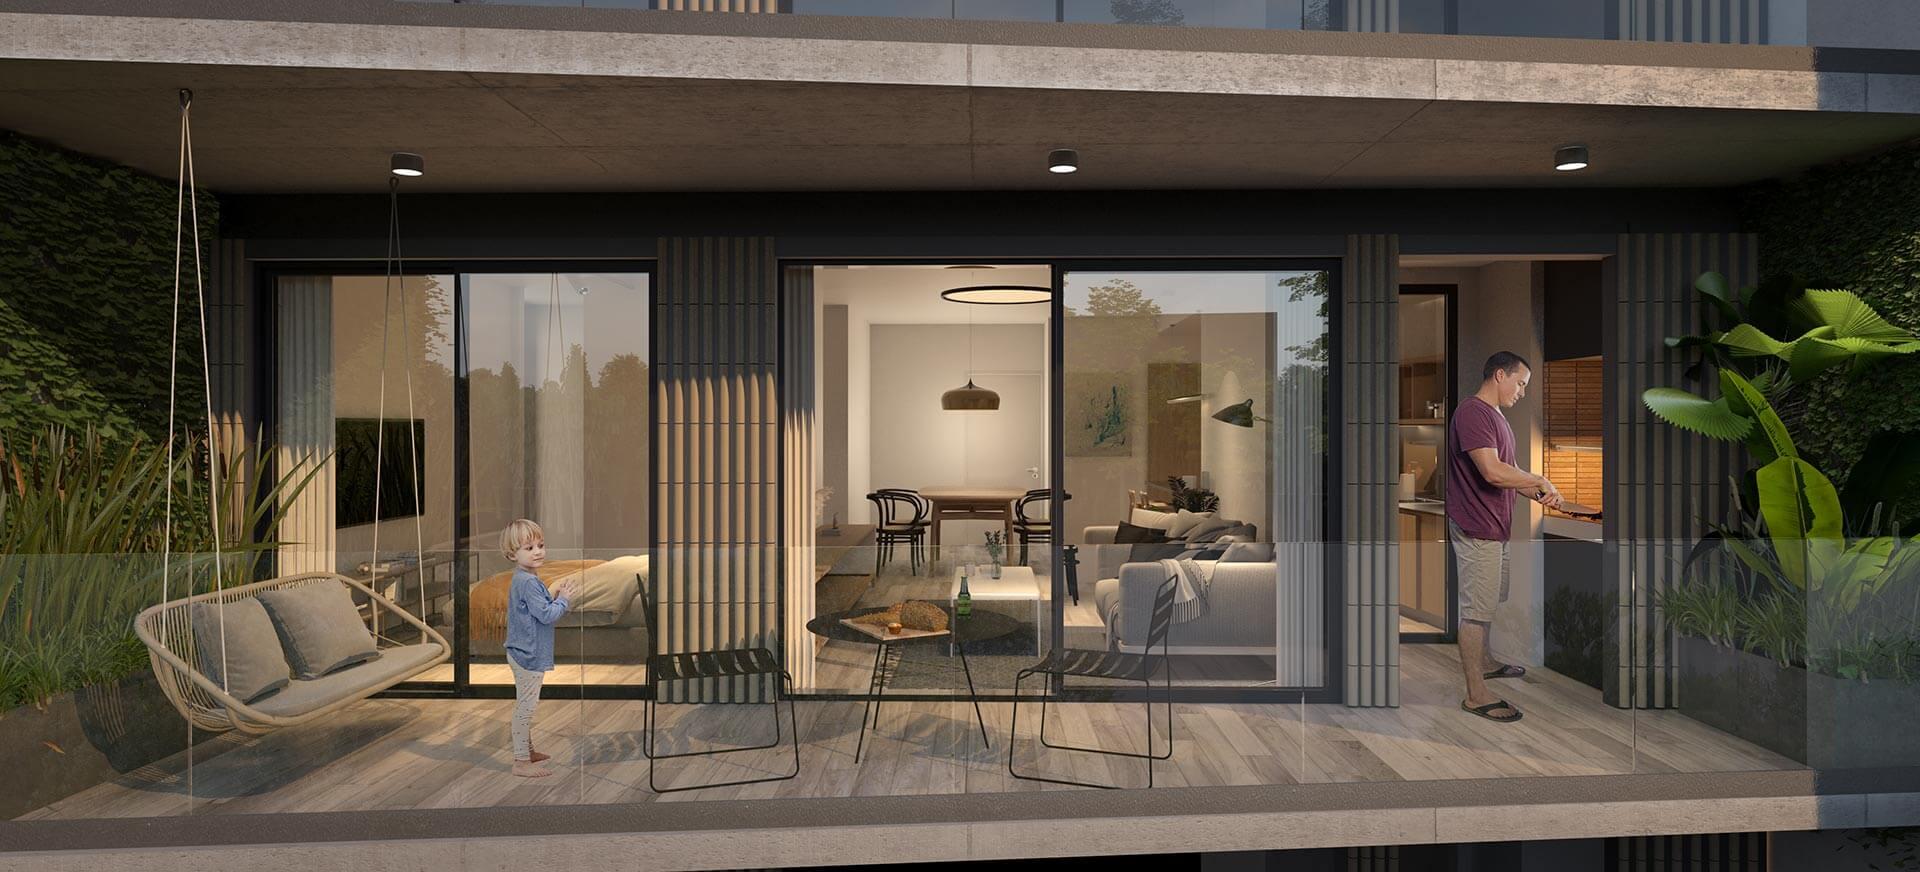 Departamento 3 Ambientes con Balcón Terraza y Parrilla - Superficie Total: 80m2